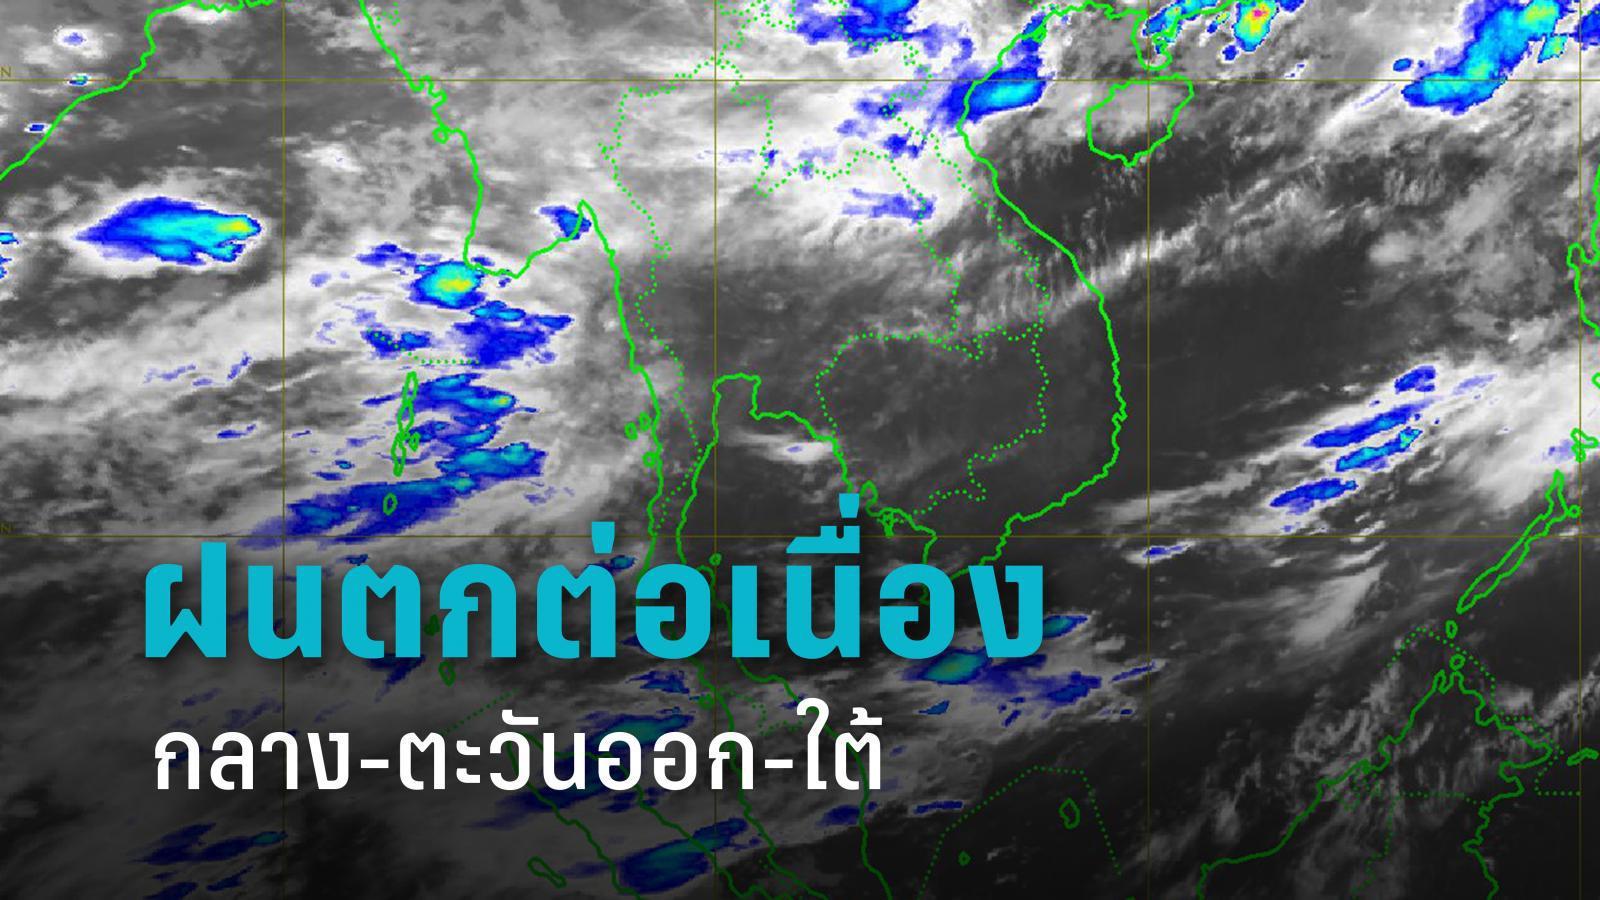 กรมอุตุฯ เตือน ฝนตกต่อเนื่อง  กลาง-ตะวันออก-ใต้ กทม.ฟ้าคะนอง 20%